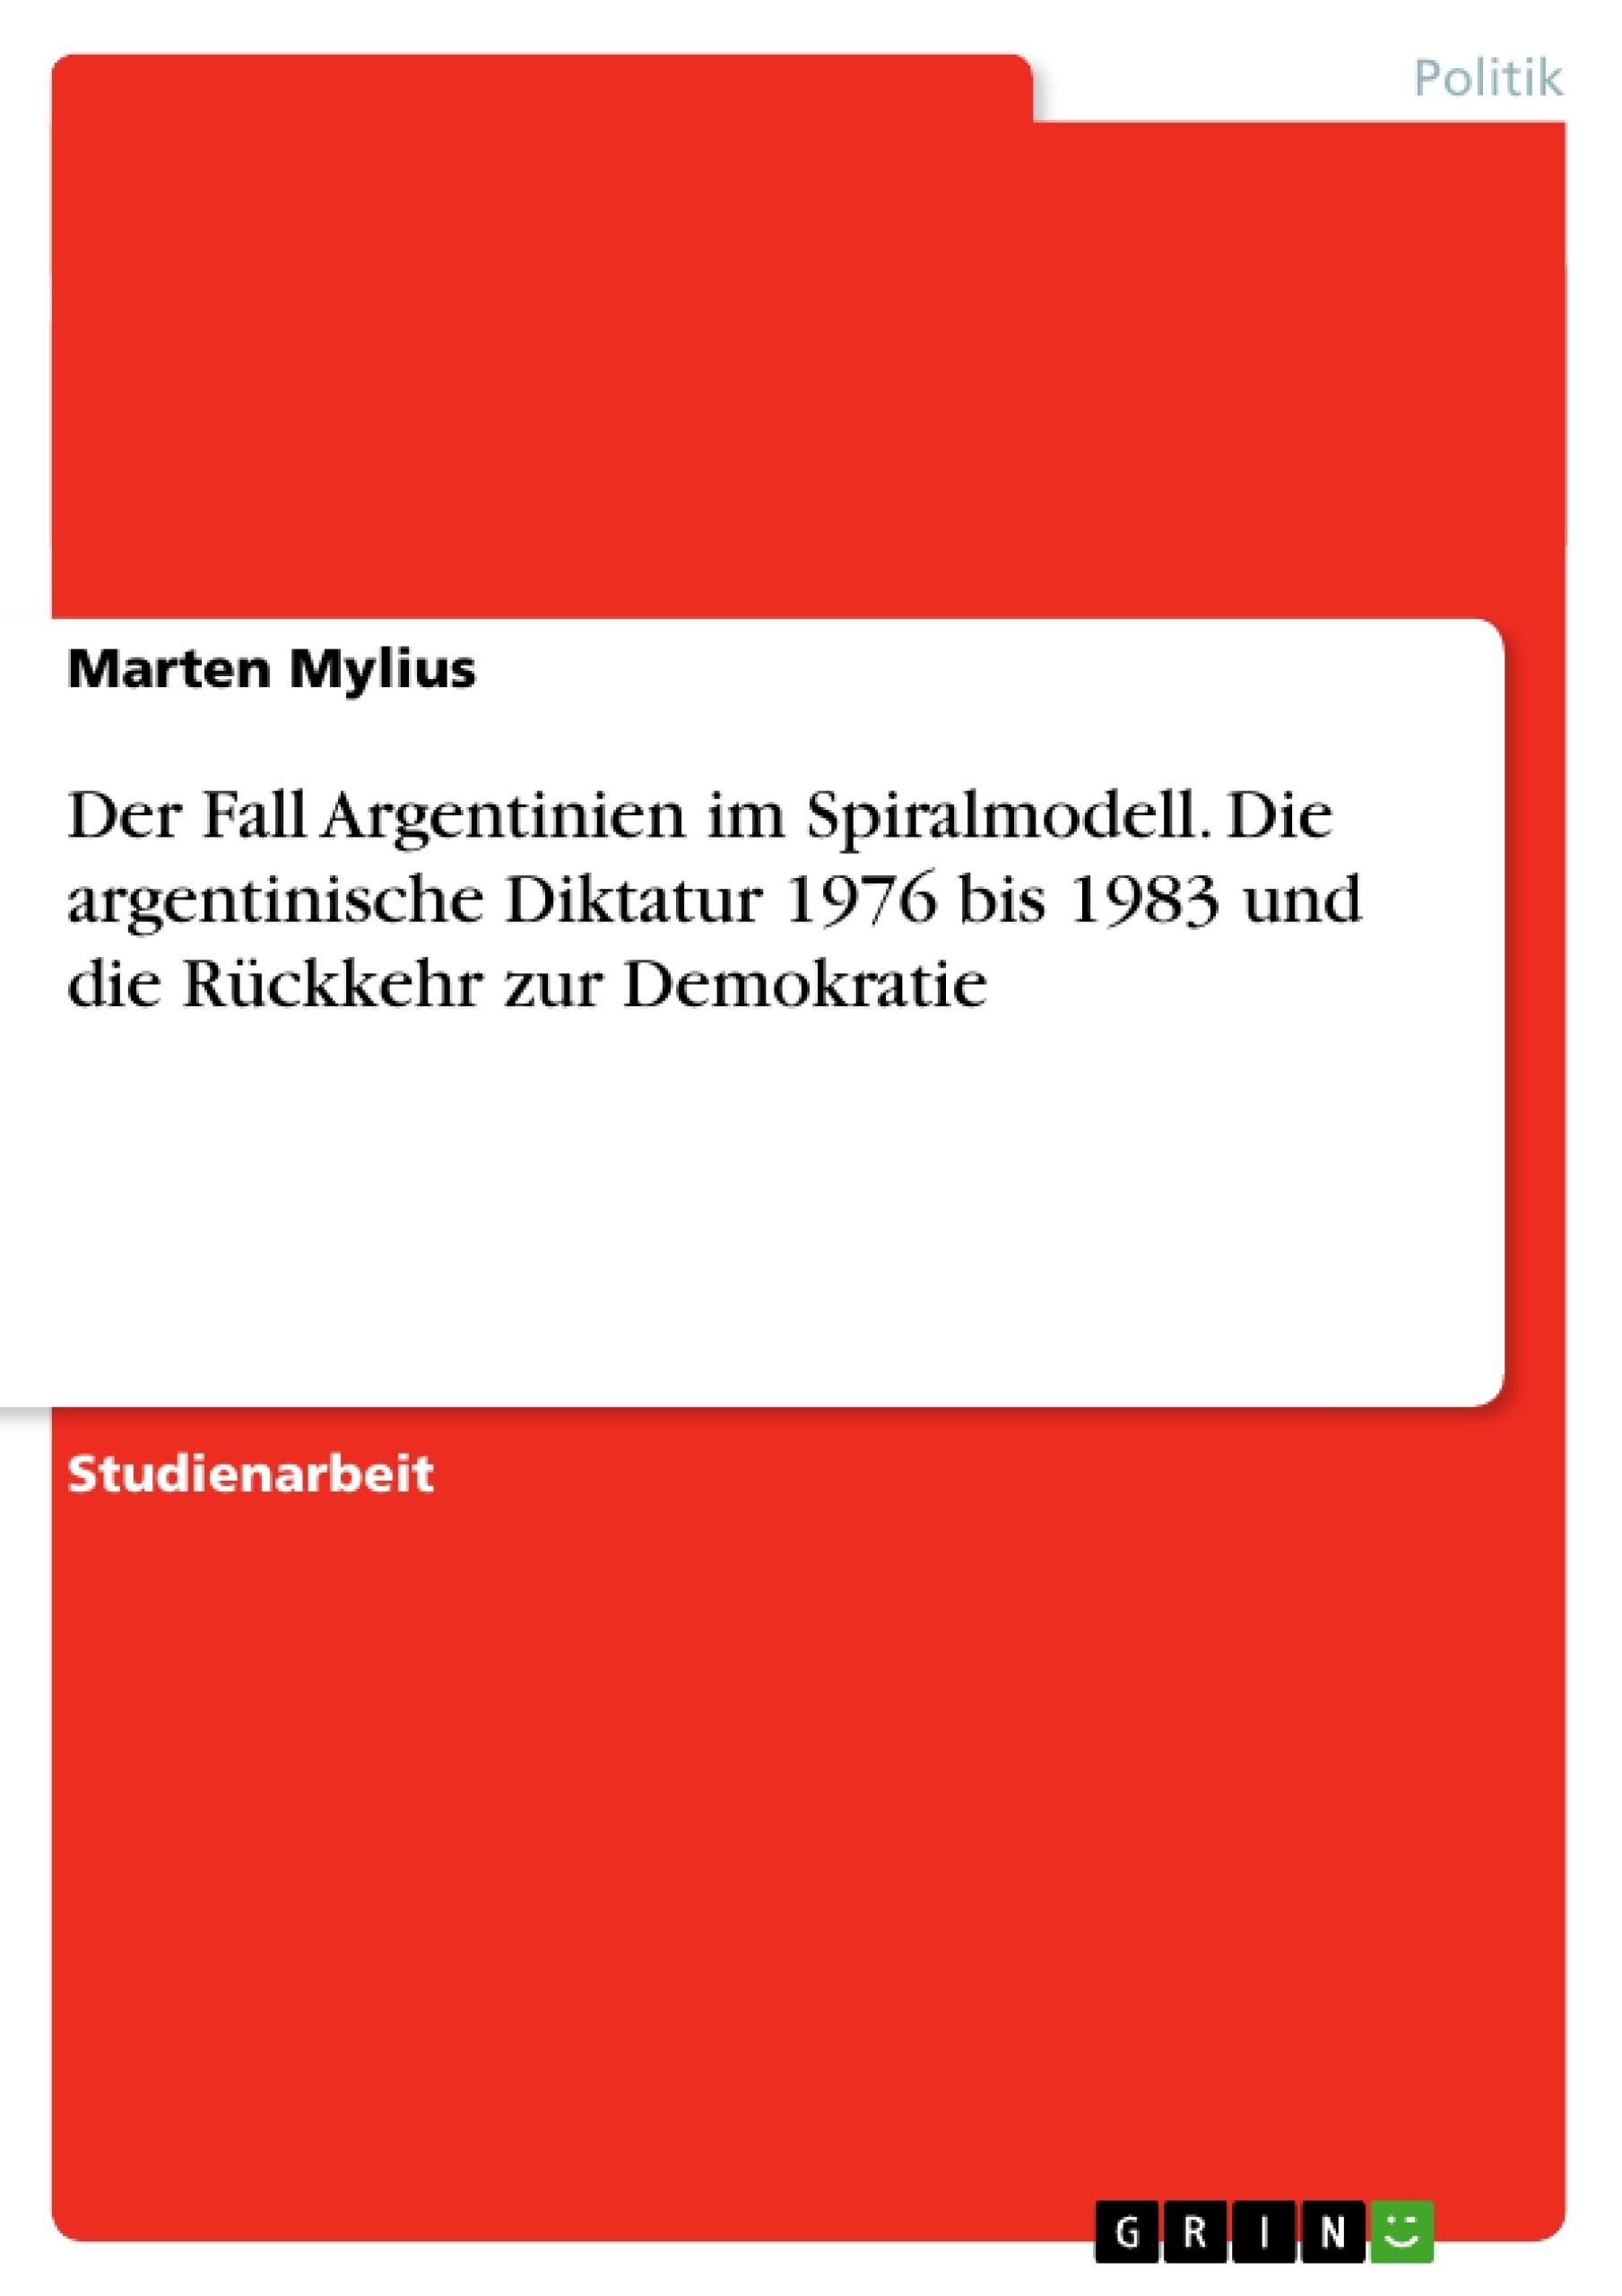 Titel: Der Fall Argentinien im Spiralmodell. Die argentinische Diktatur 1976 bis 1983 und die Rückkehr zur Demokratie